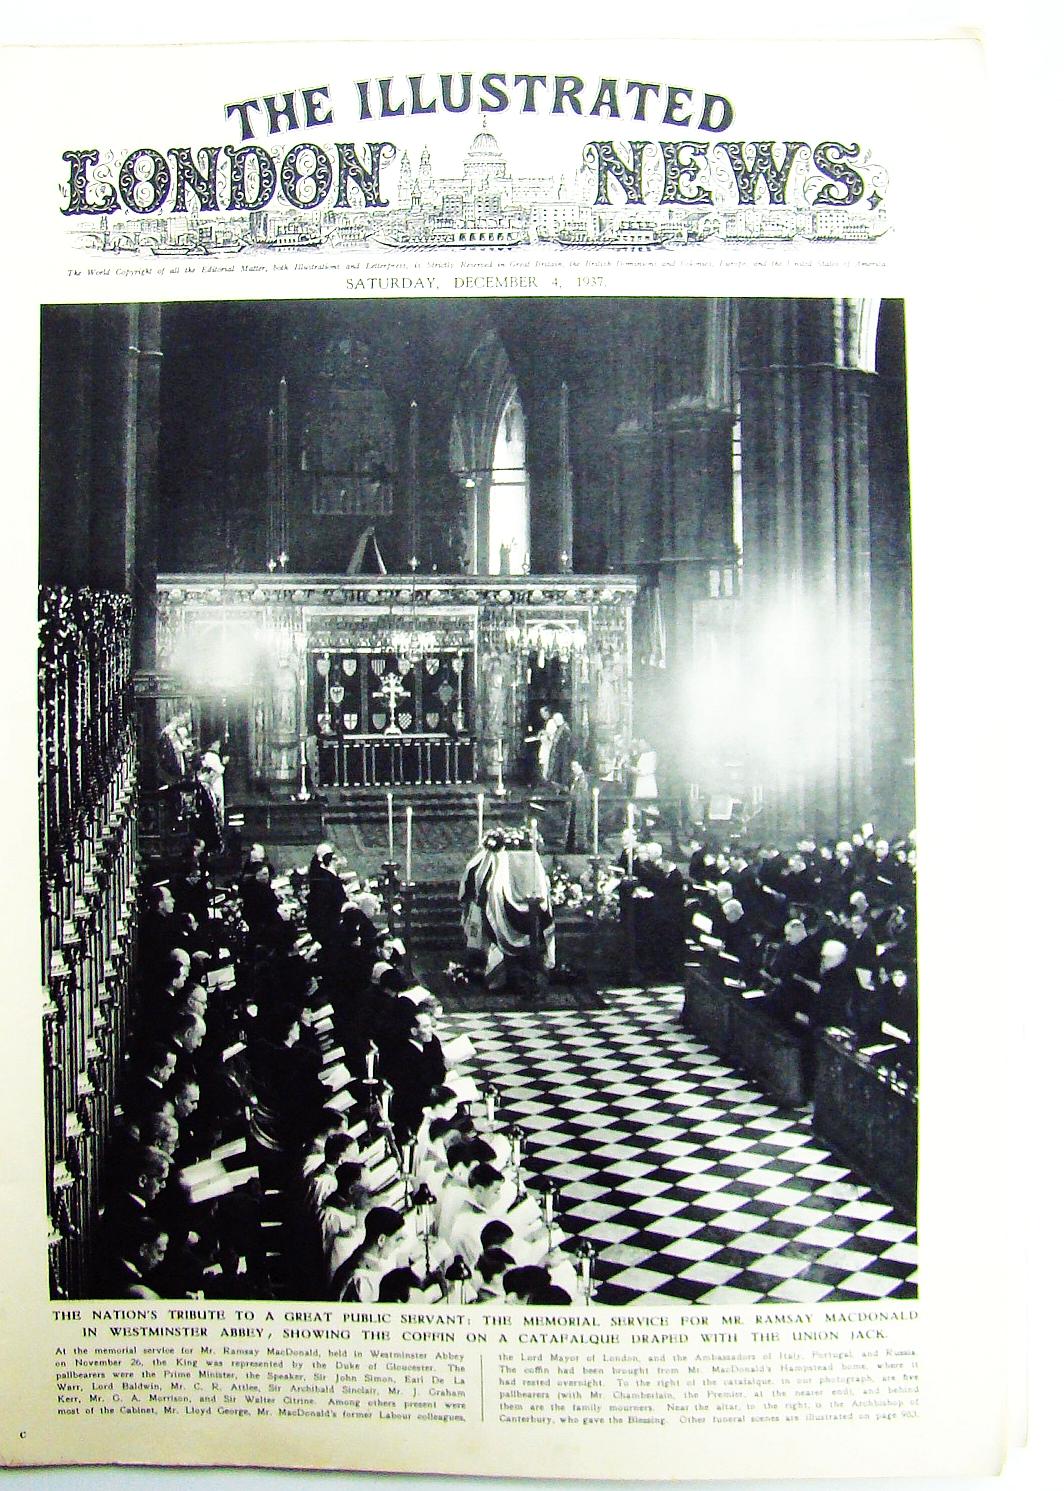 Image for The Illustrated London News, Saturday, December [Dec.] 4,1937 - Ramsay MacDonald Memorial